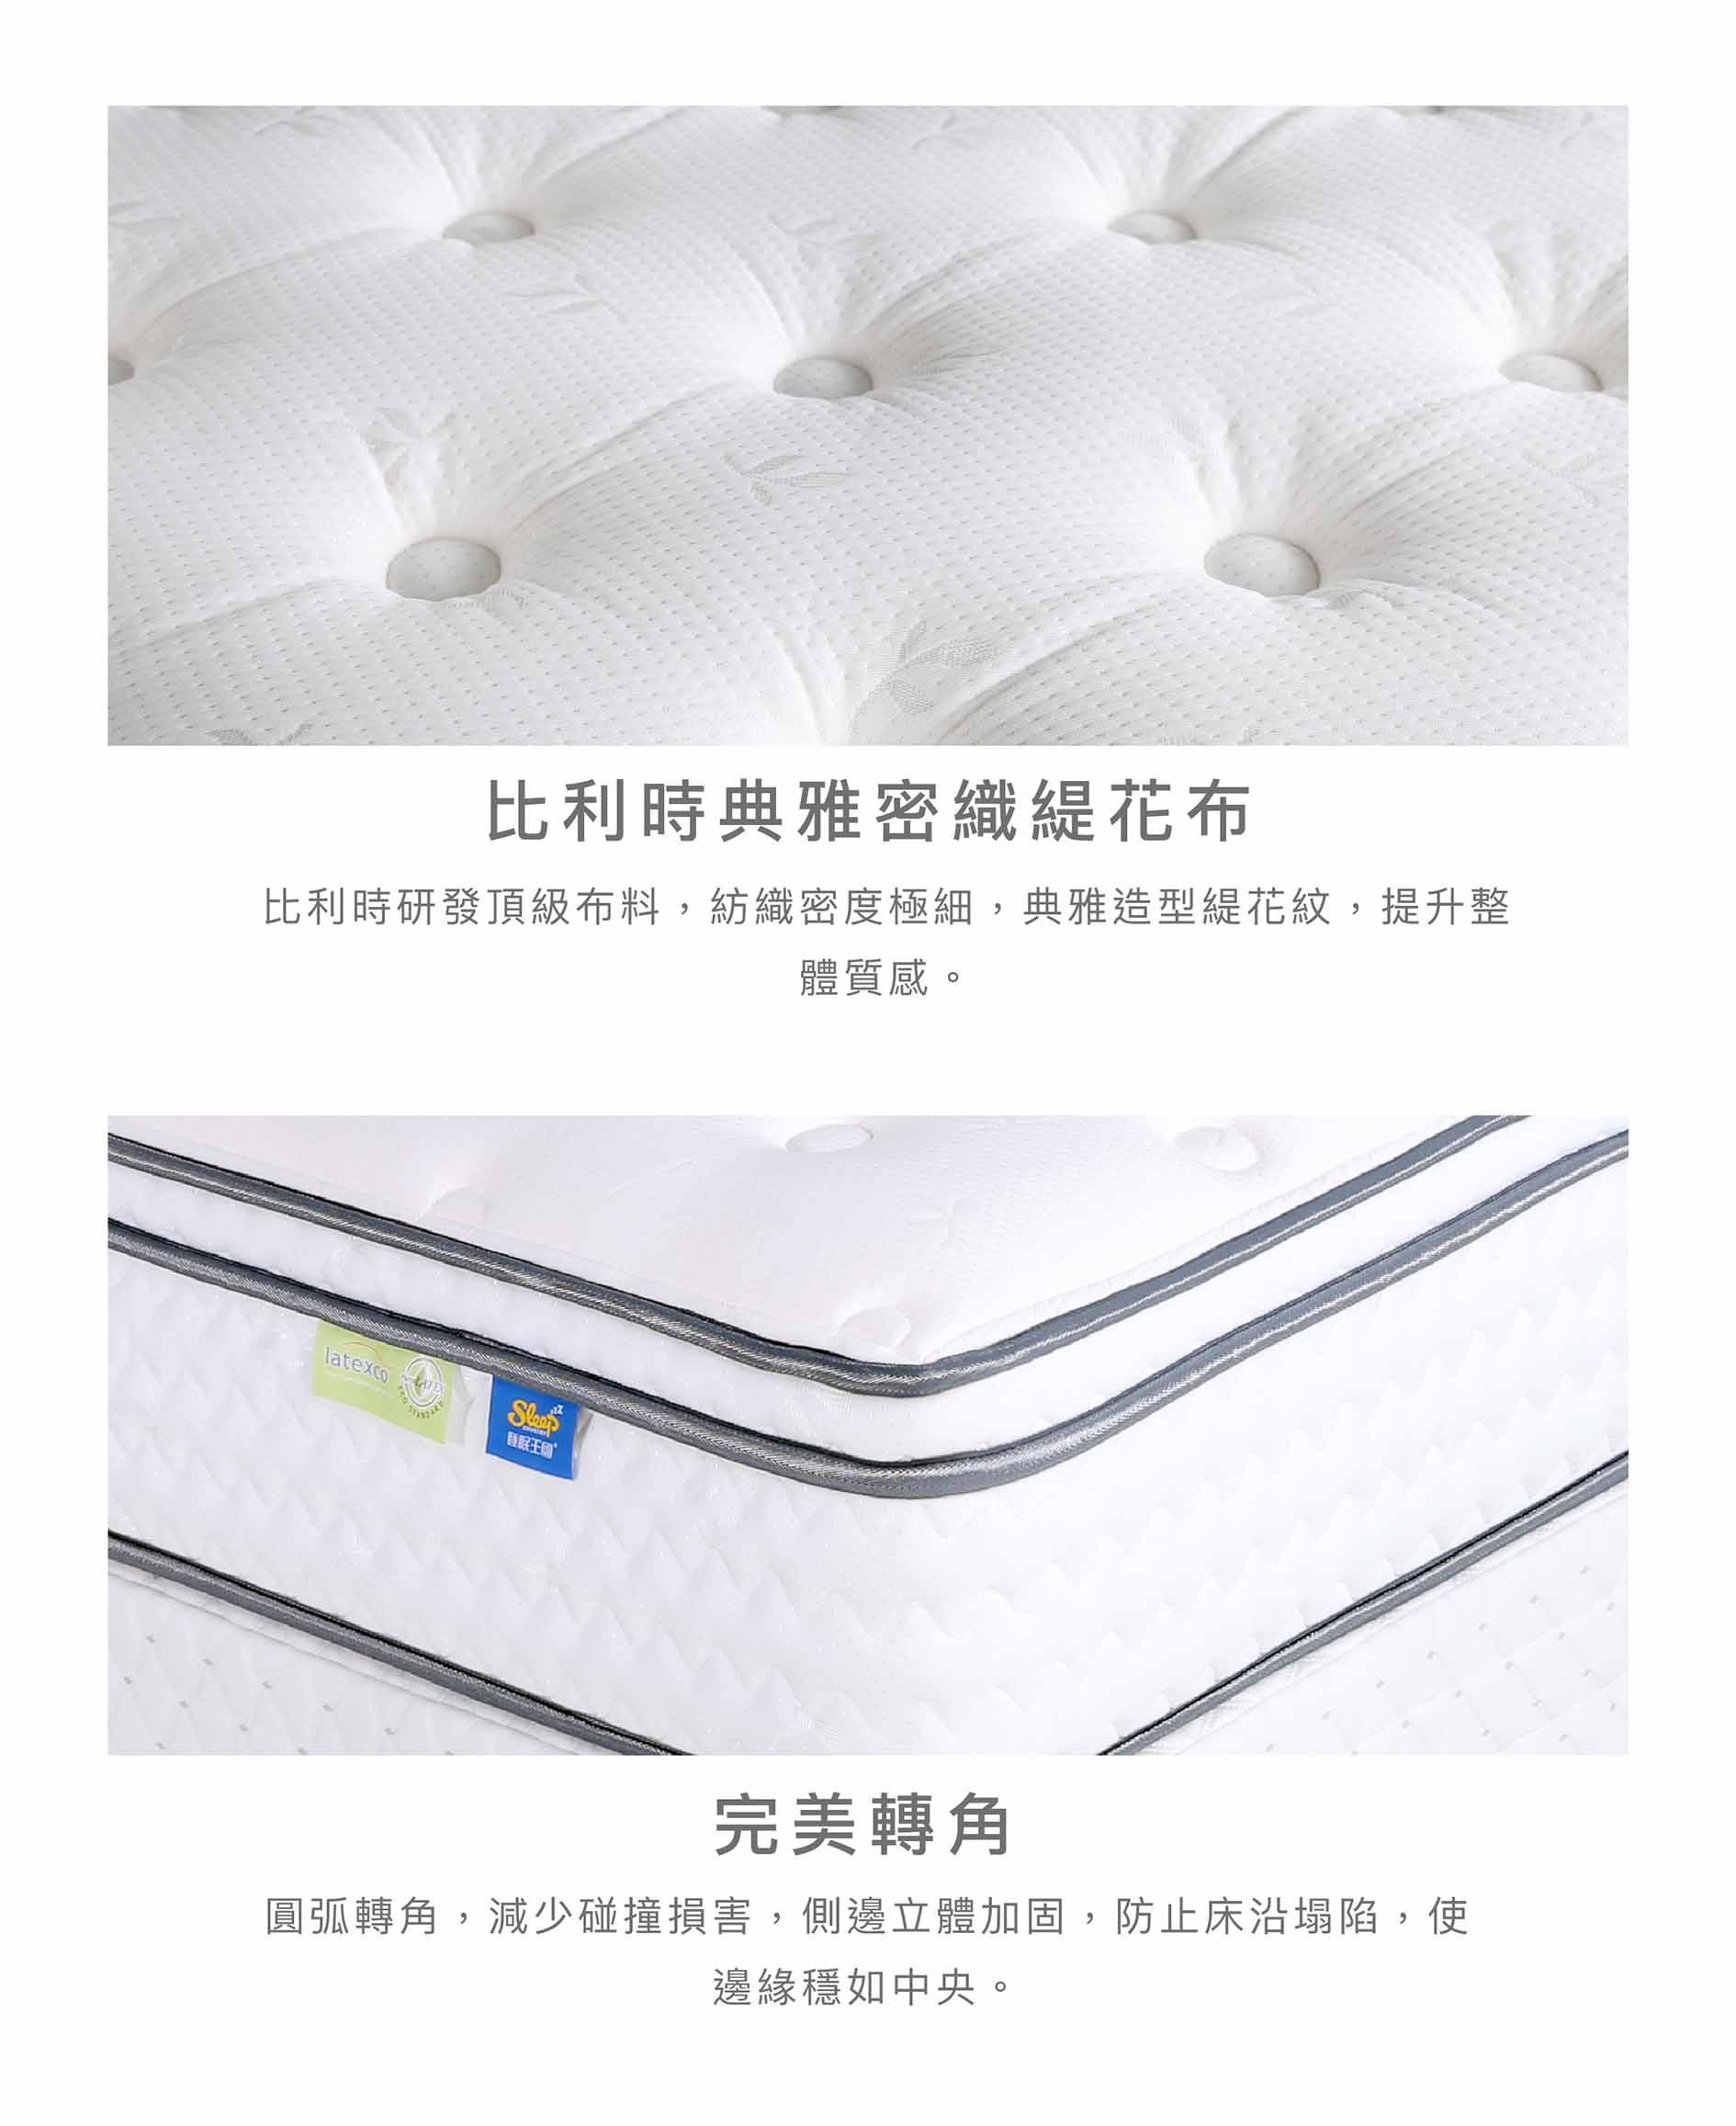 健康床墊mattress 瑞格名床 新浪漫曲 睡眠王國集團